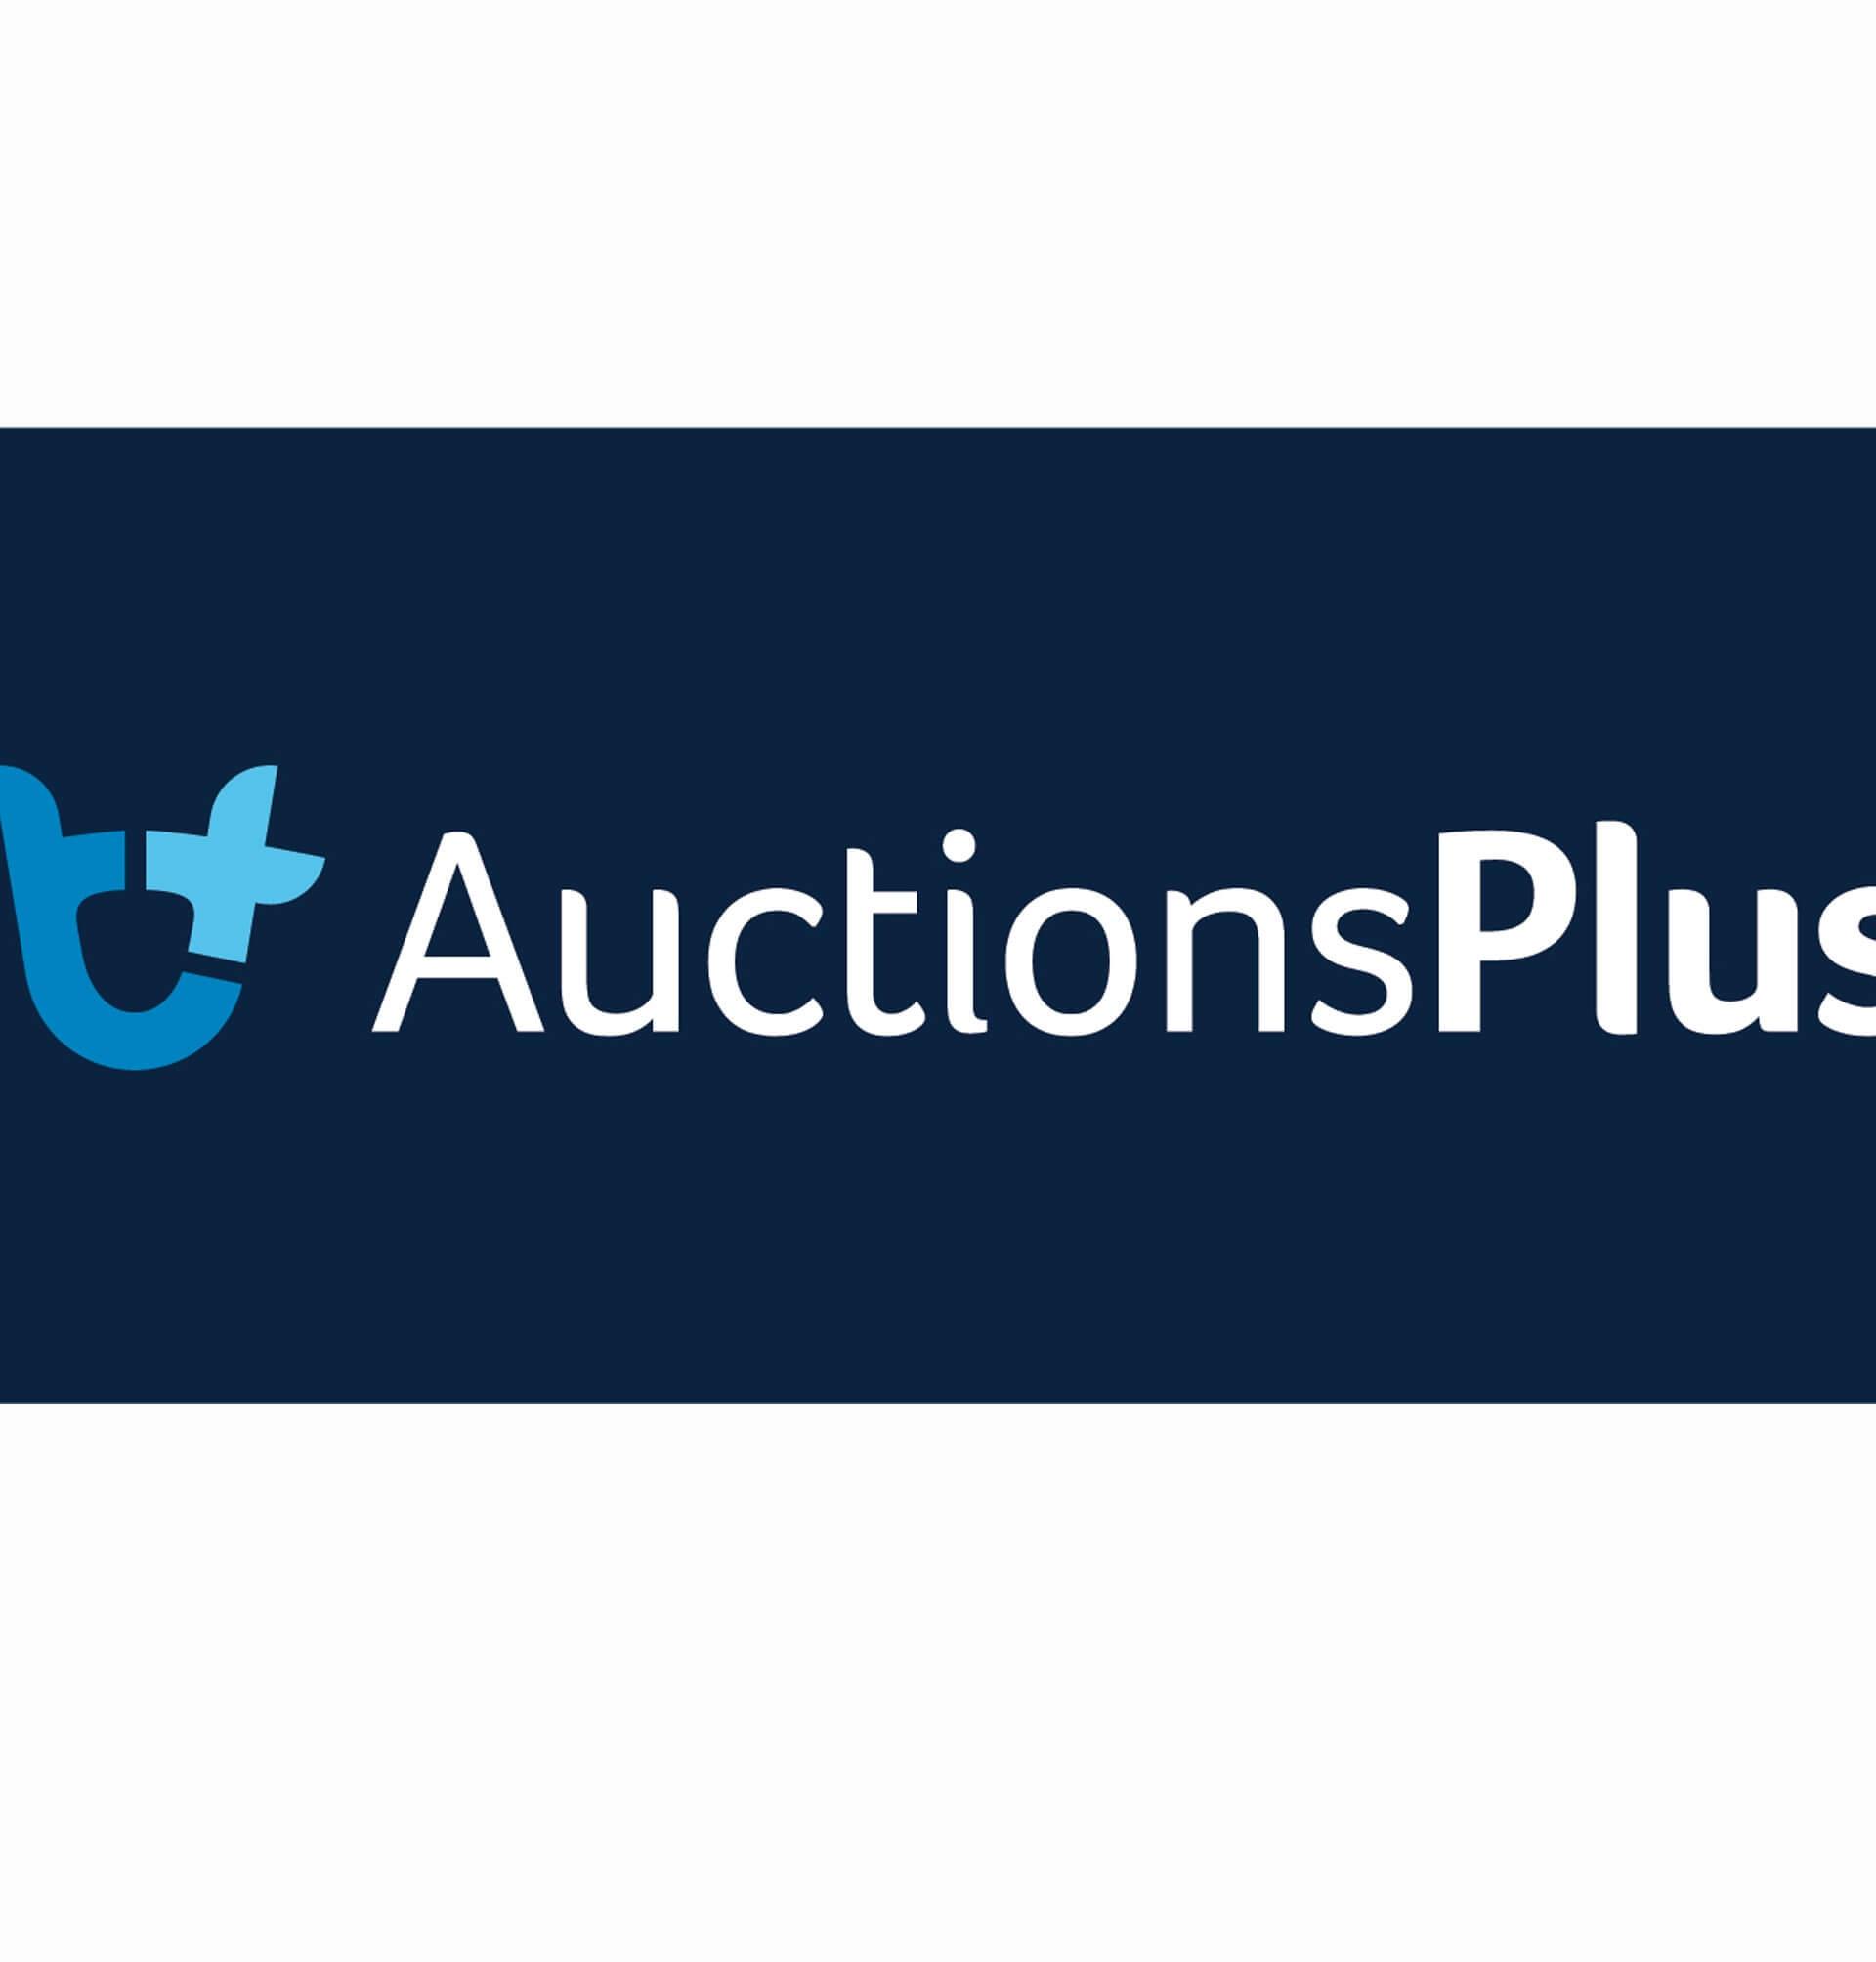 AUCTIONS PLUS BLUE